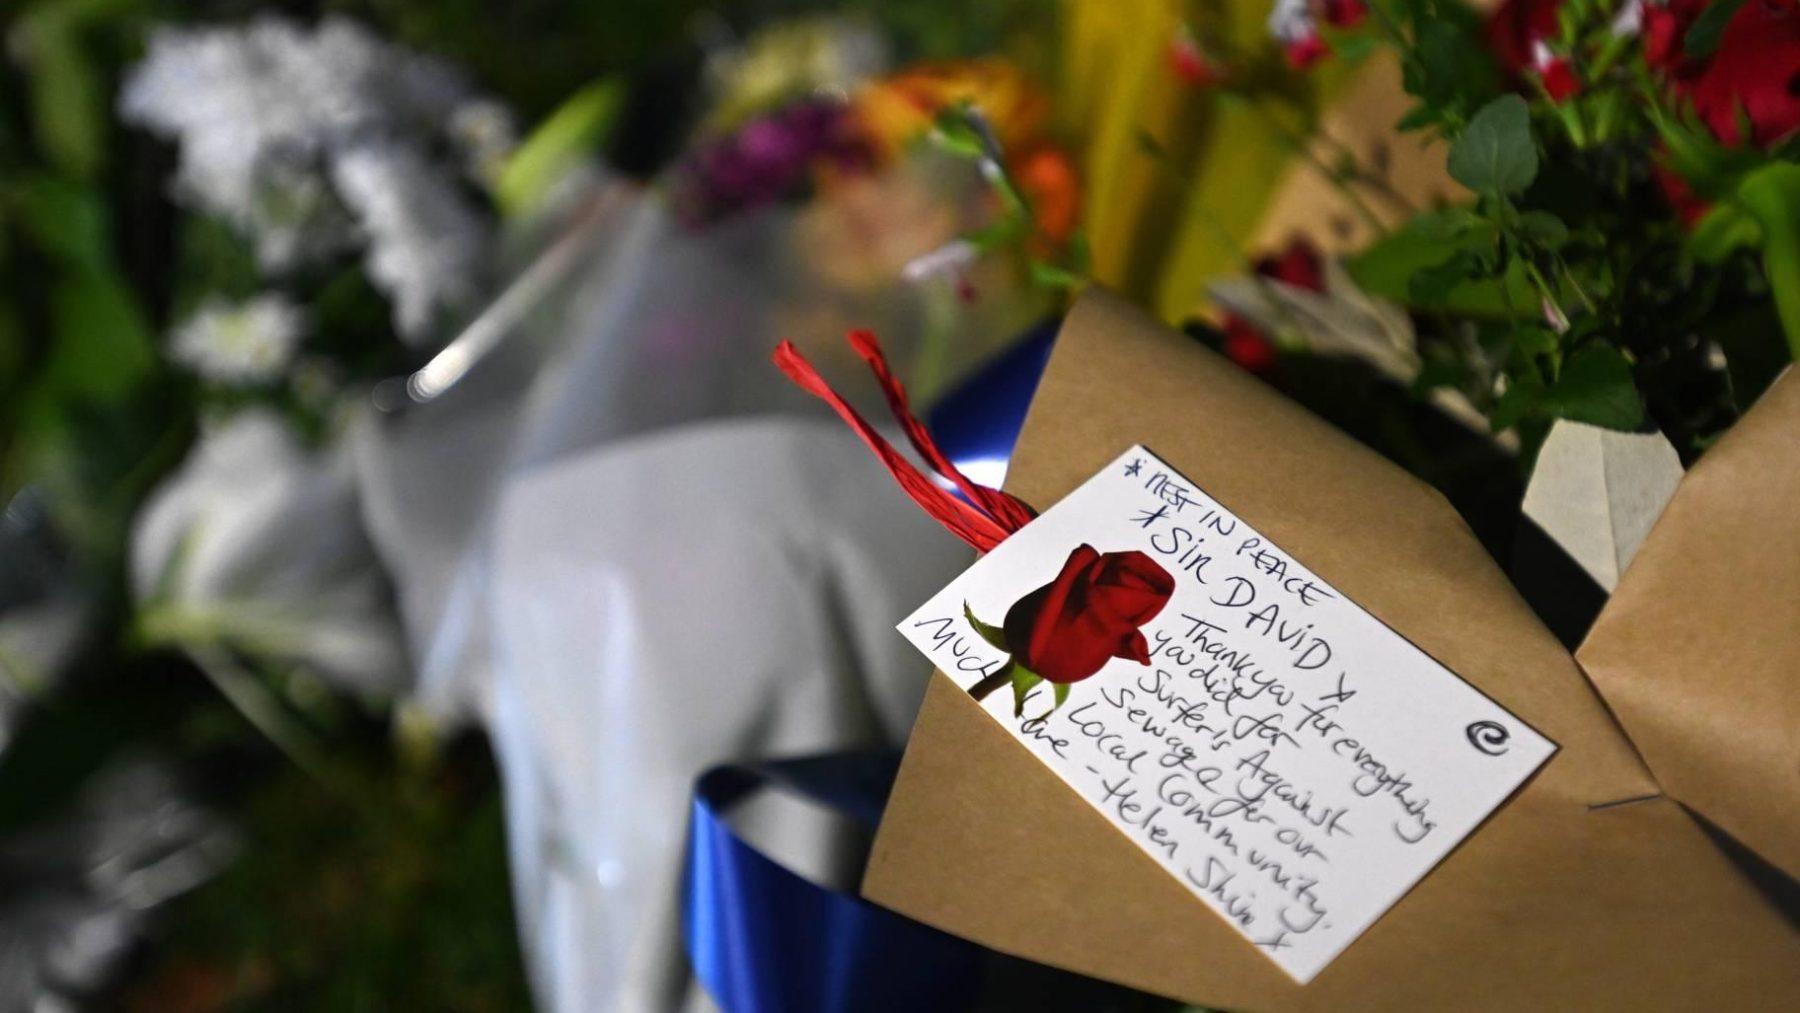 Britse politie ziet moord op parlementslid als terreurdaad